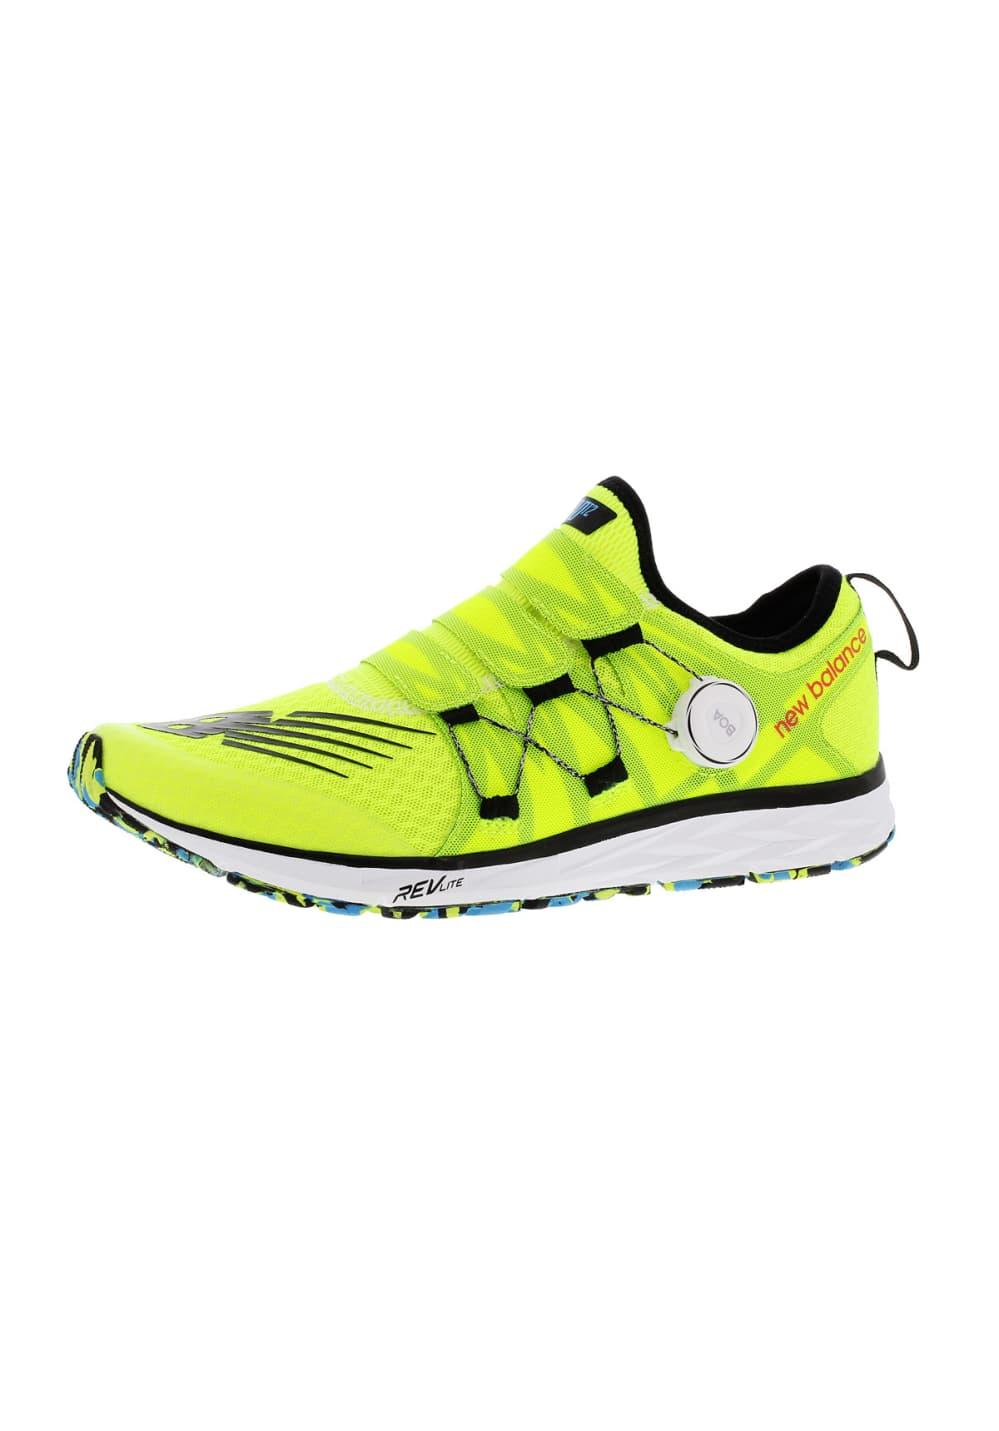 économiser de573 ce151 New Balance 1500Boa - Chaussures running pour Homme - Jaune